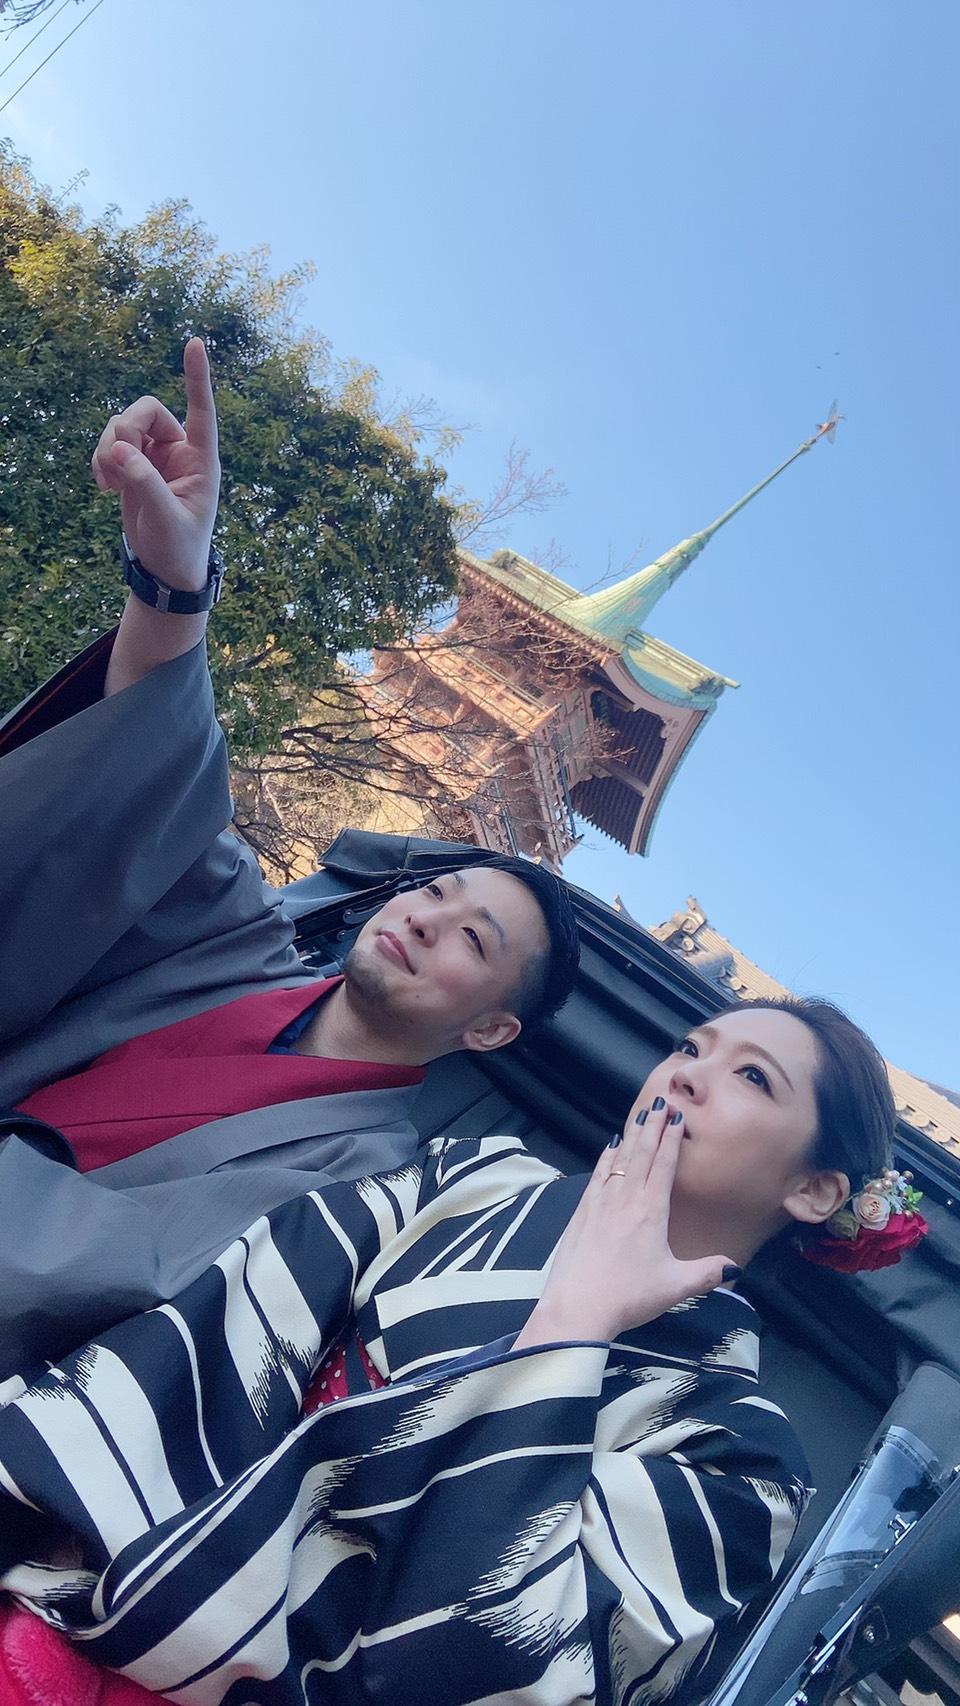 カップルで北野天満宮へ♡2020年2月11日6